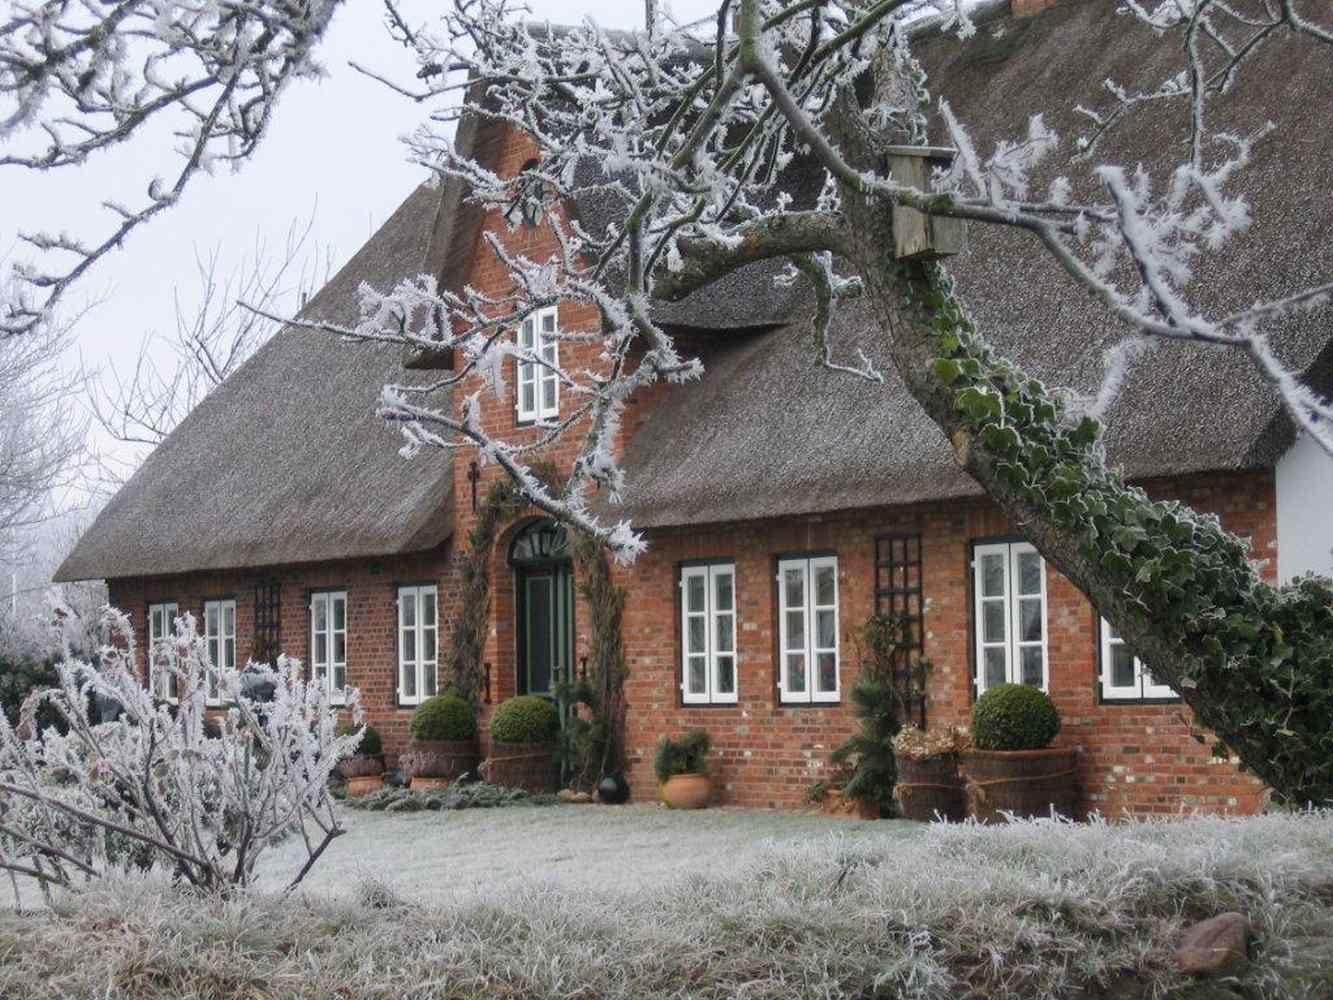 Bild Weihnachten Sylt Schnee Ferienwohnungen